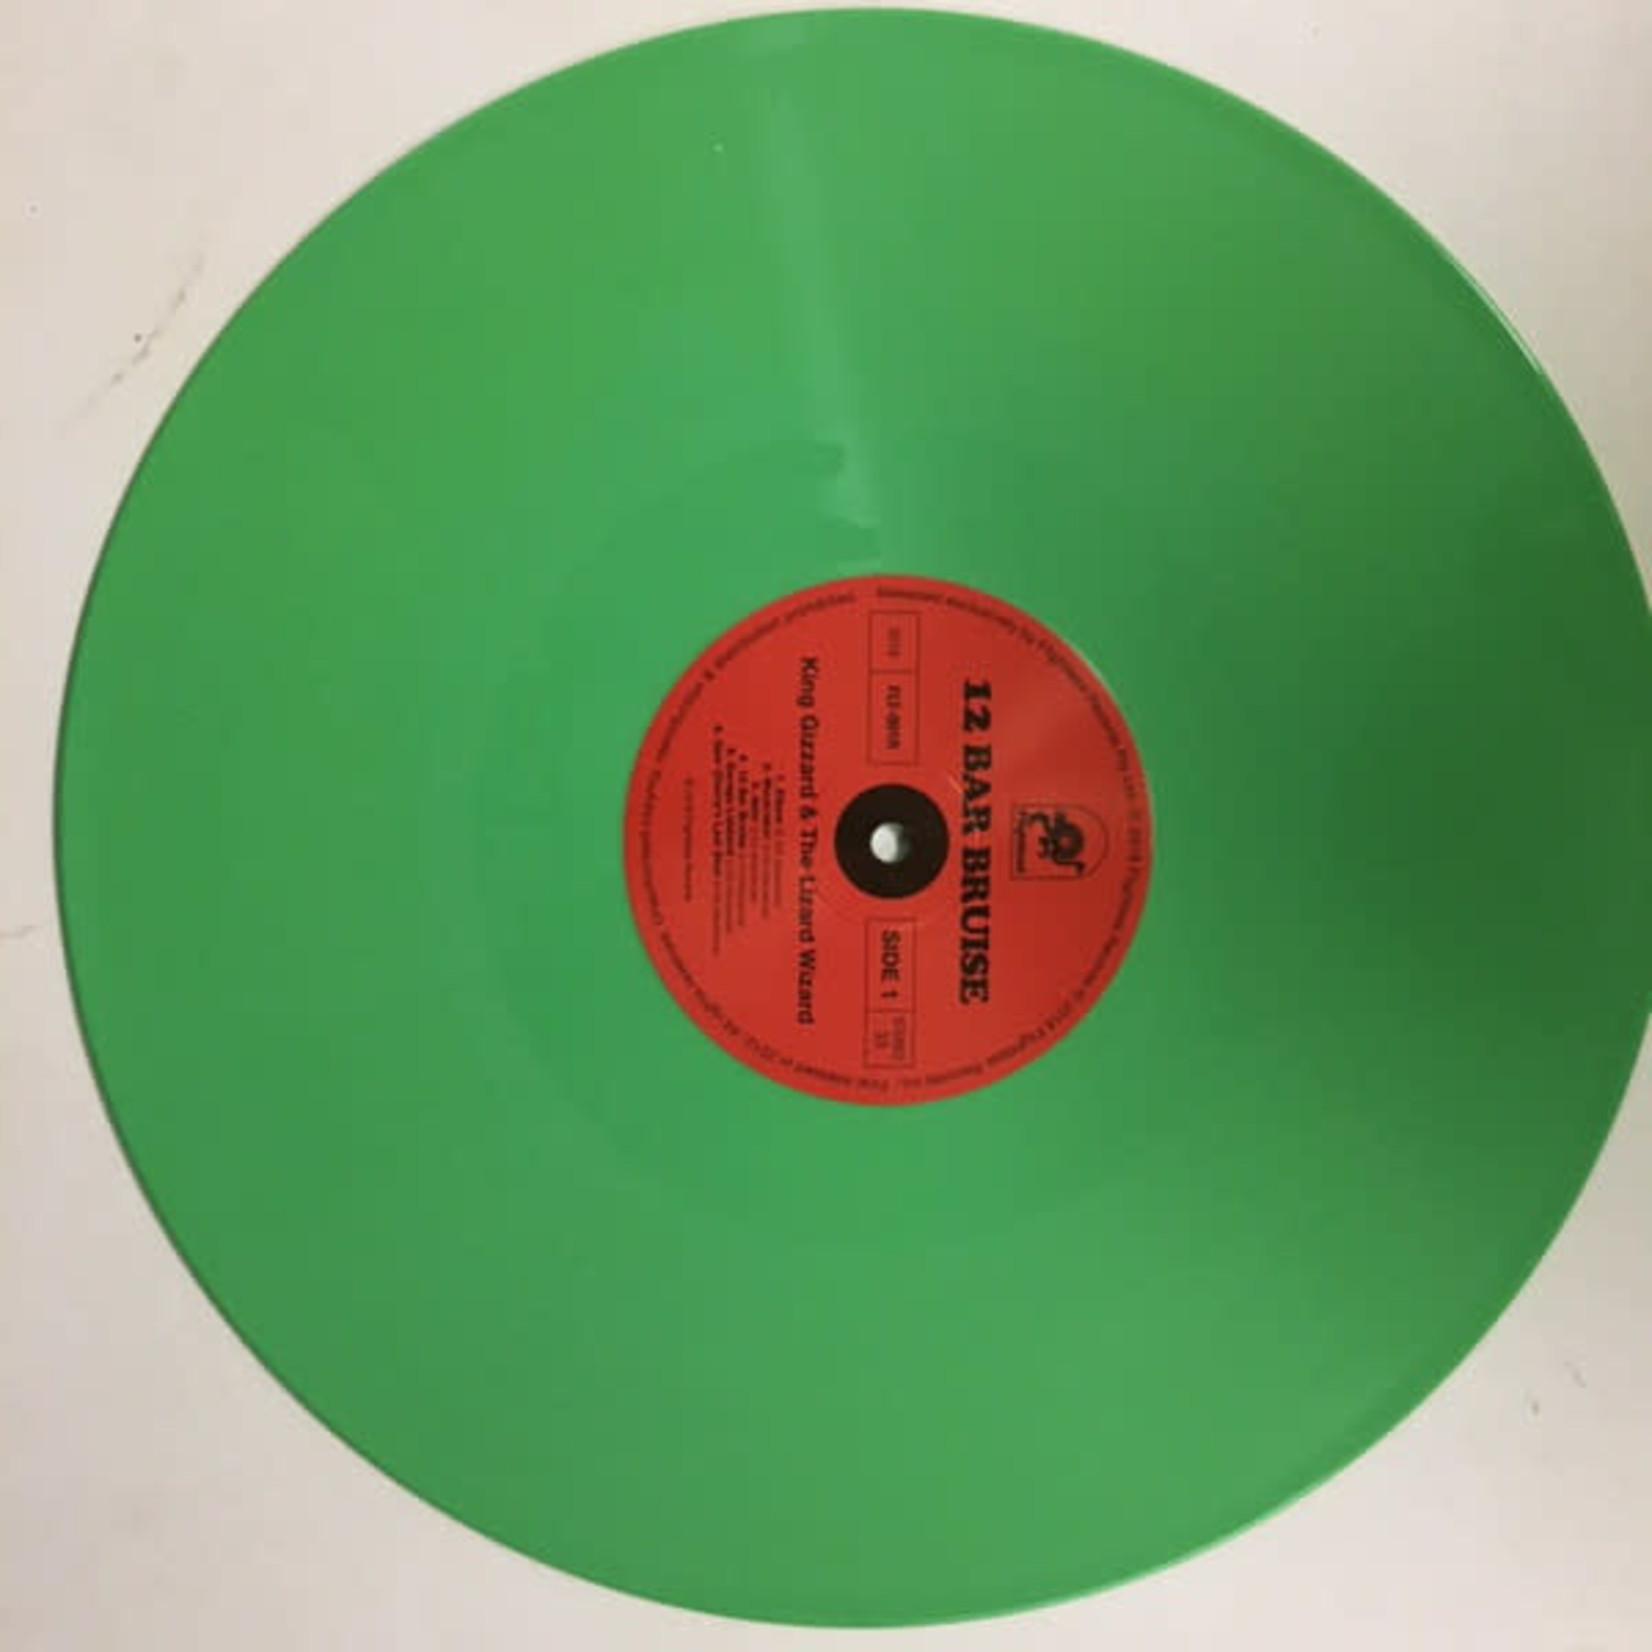 KING GIZZARD & THE LIZARD WIZARD 12 BAR BRUISE (LP) GREEN VINYL